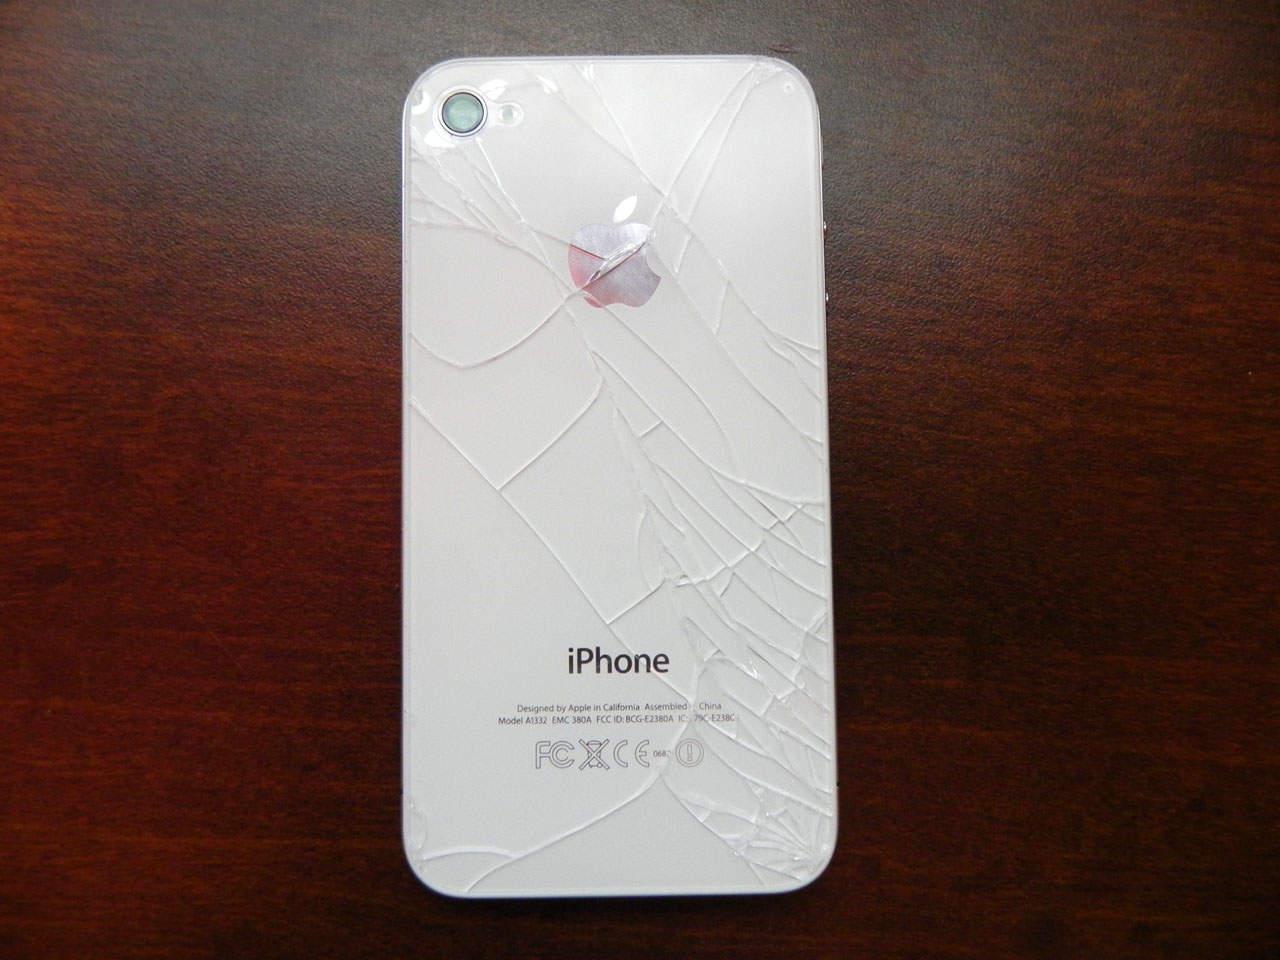 Craigslist Iphone S Gb